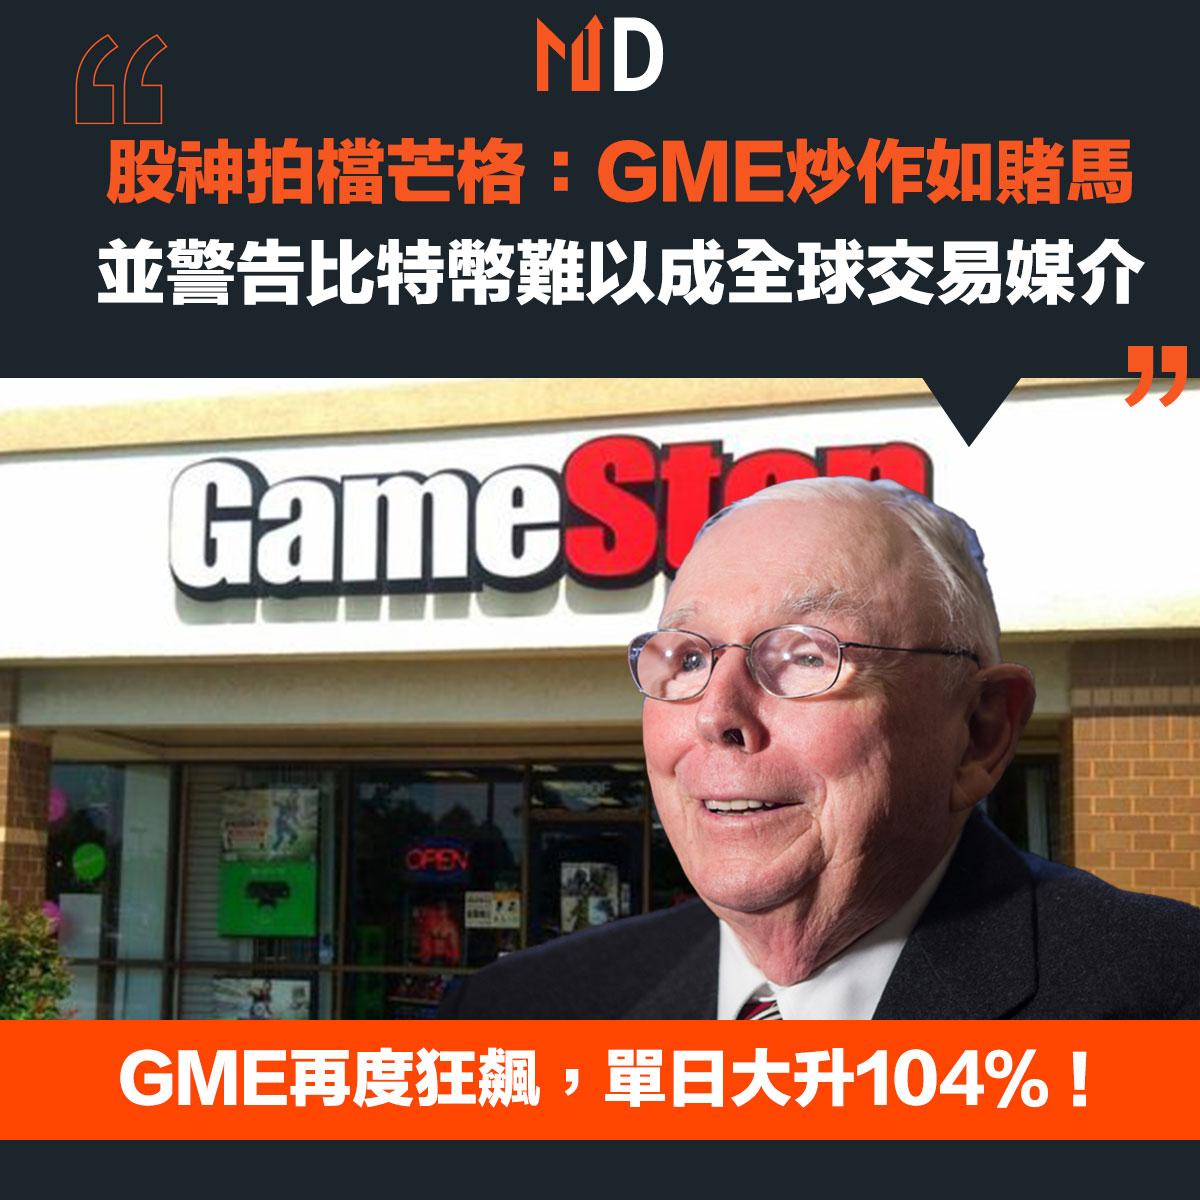 【股神拍檔】芒格:GME炒作如賭馬